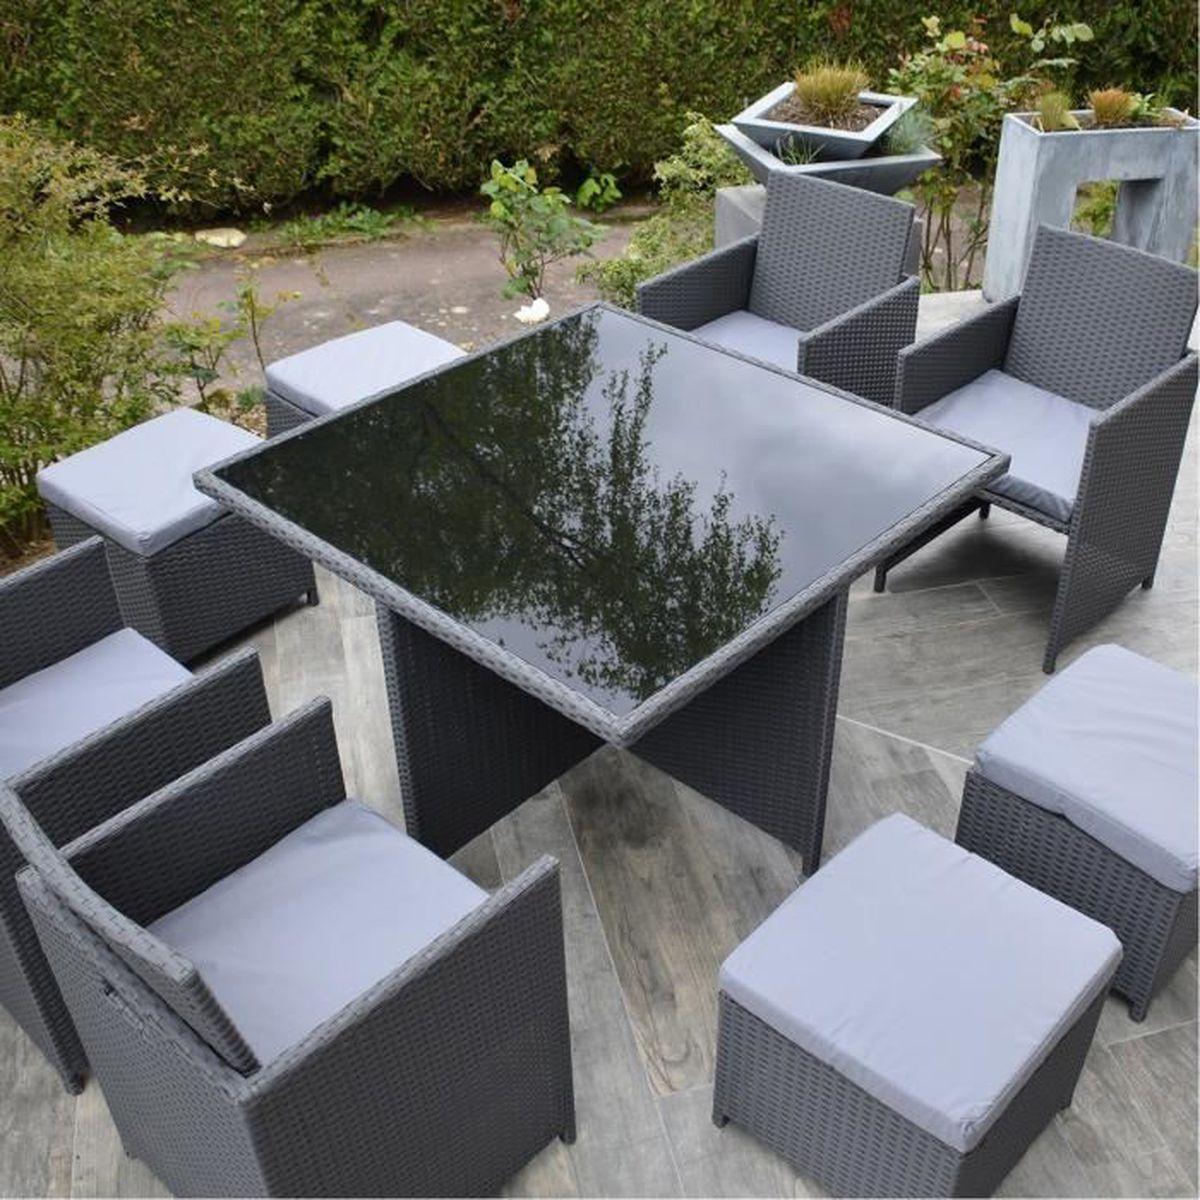 Munga ensemble encastrable salon table de jardin r sine tress e 8 places gris achat - Ensemble de table de salon ...